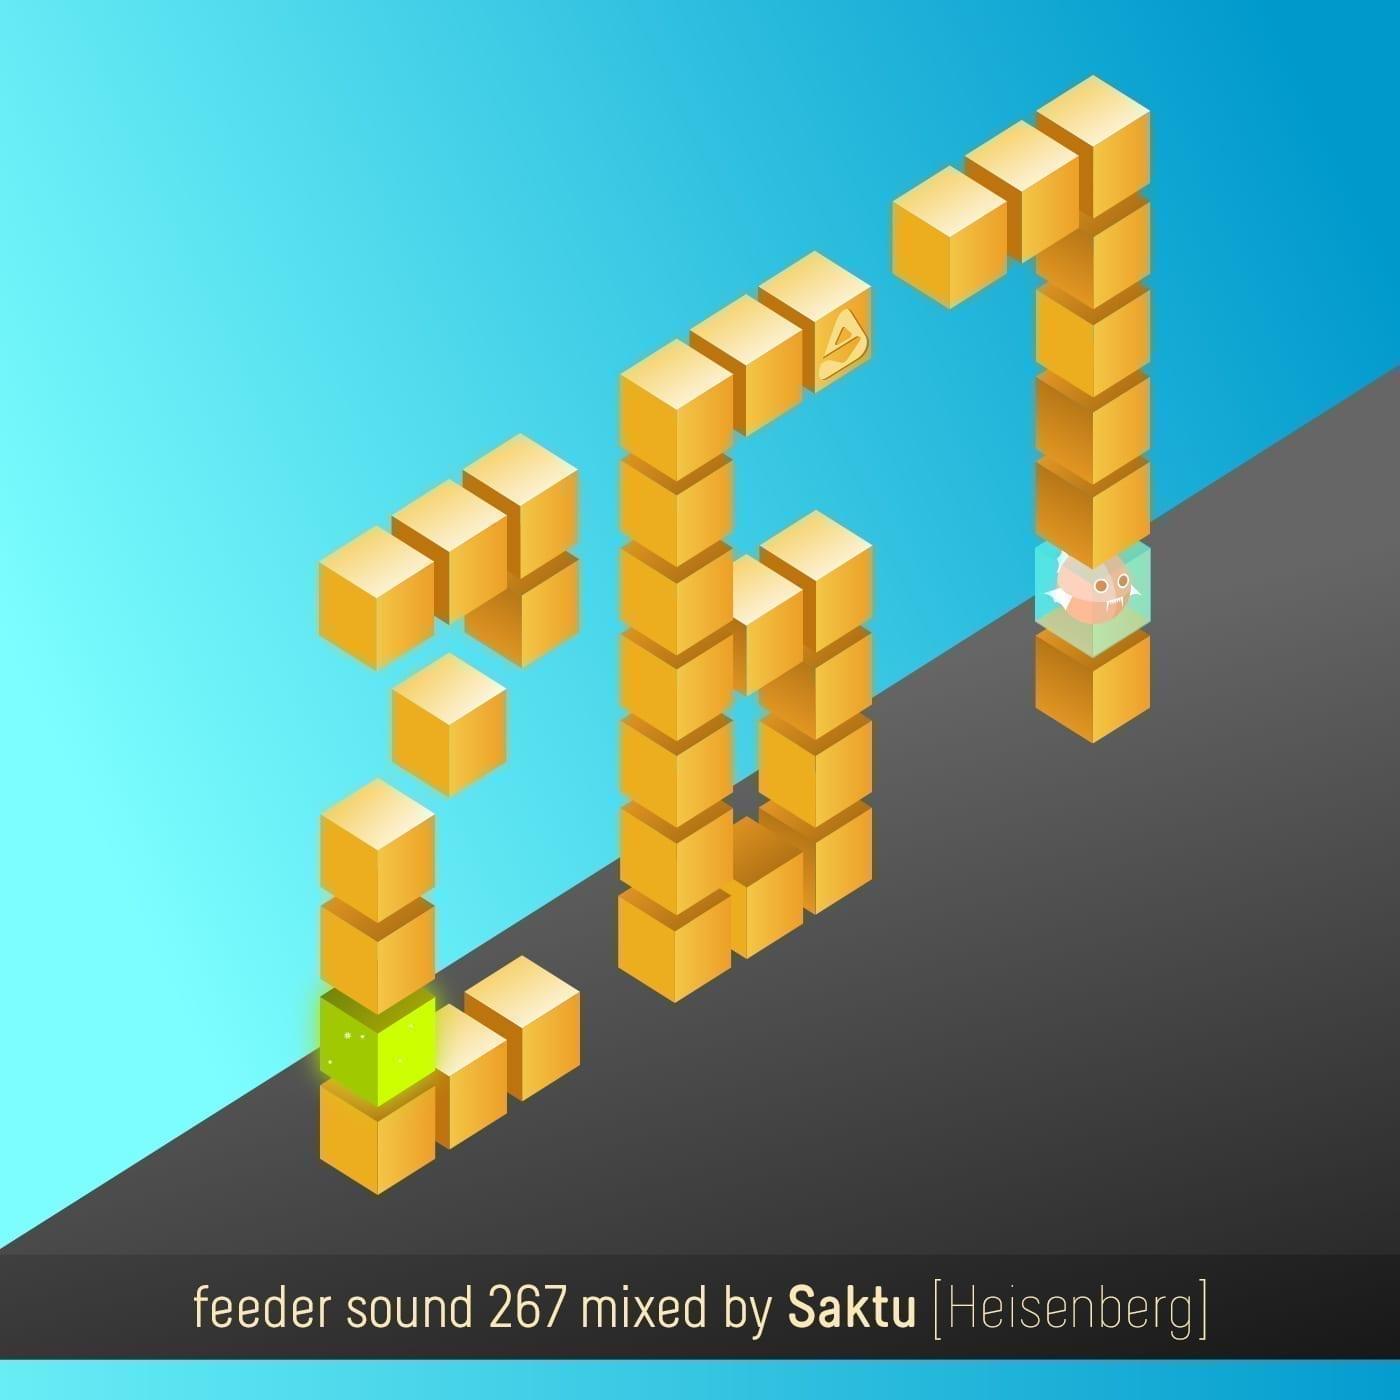 feeder sound 267 mixed by Saktu [Heisenberg]